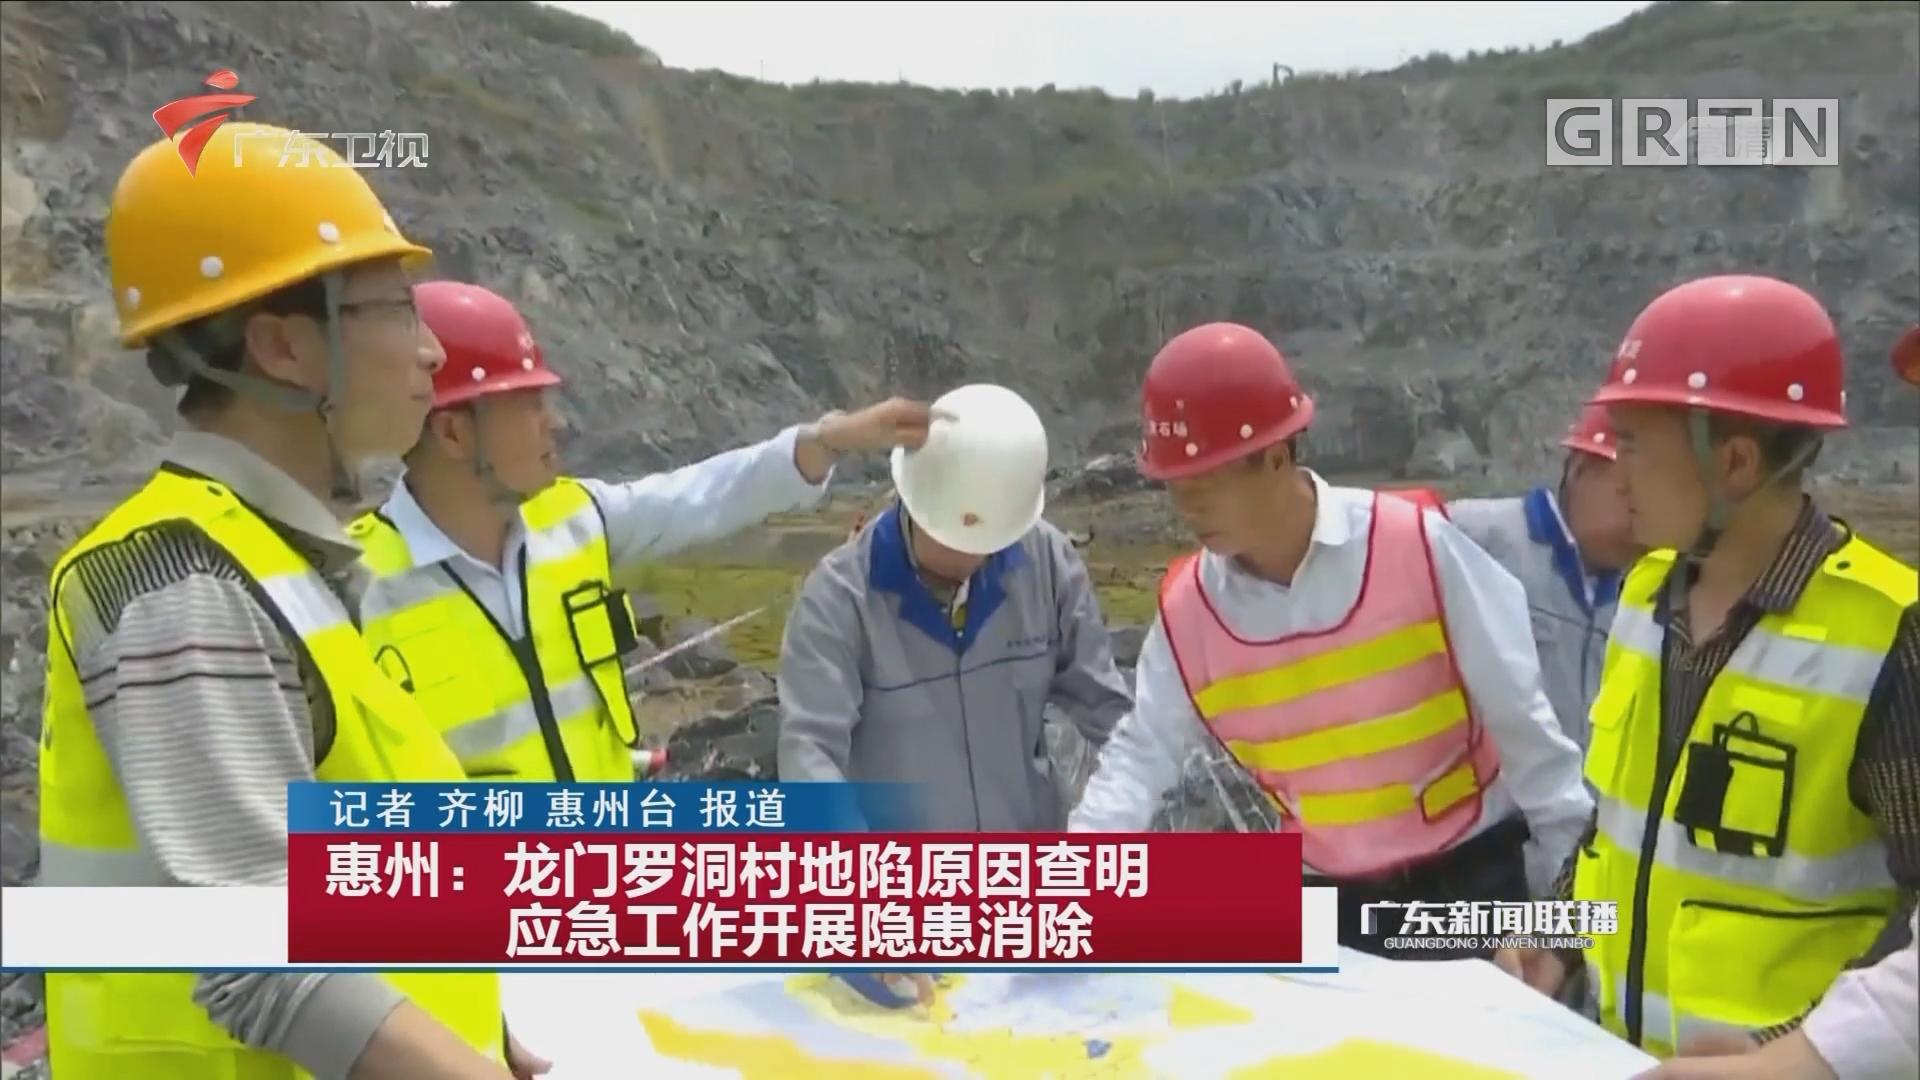 惠州:龙门罗洞村地陷原因查明 应急工作开展隐患消除